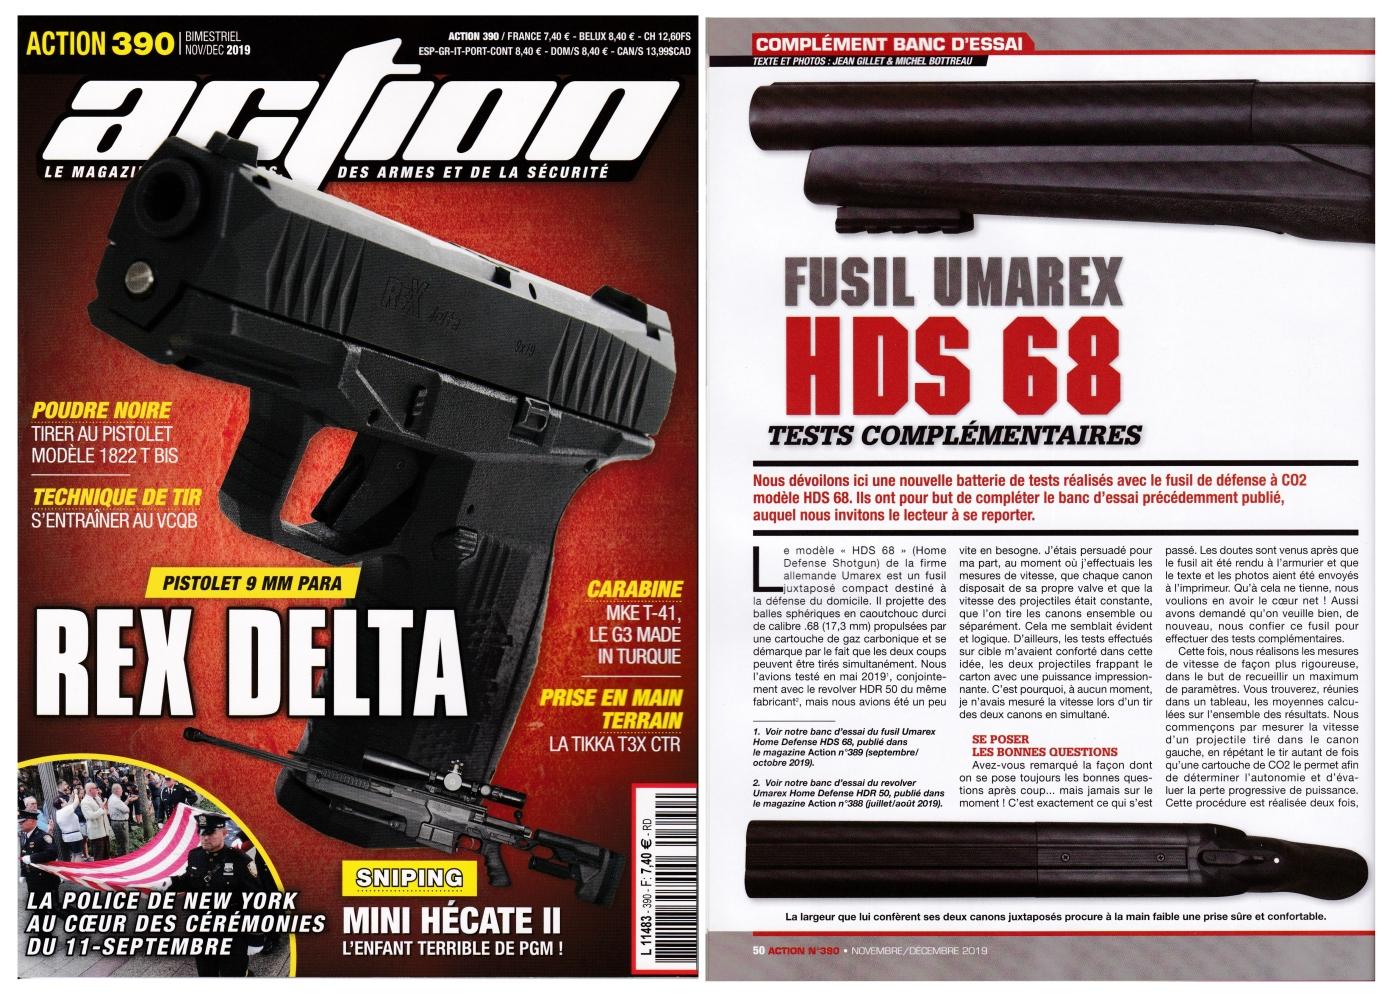 Notre complément de banc d'essai du fusil Umarex HDS 68 a été publié sur 3 pages dans le magazine Action n°390 (novembre-décembre 2019).